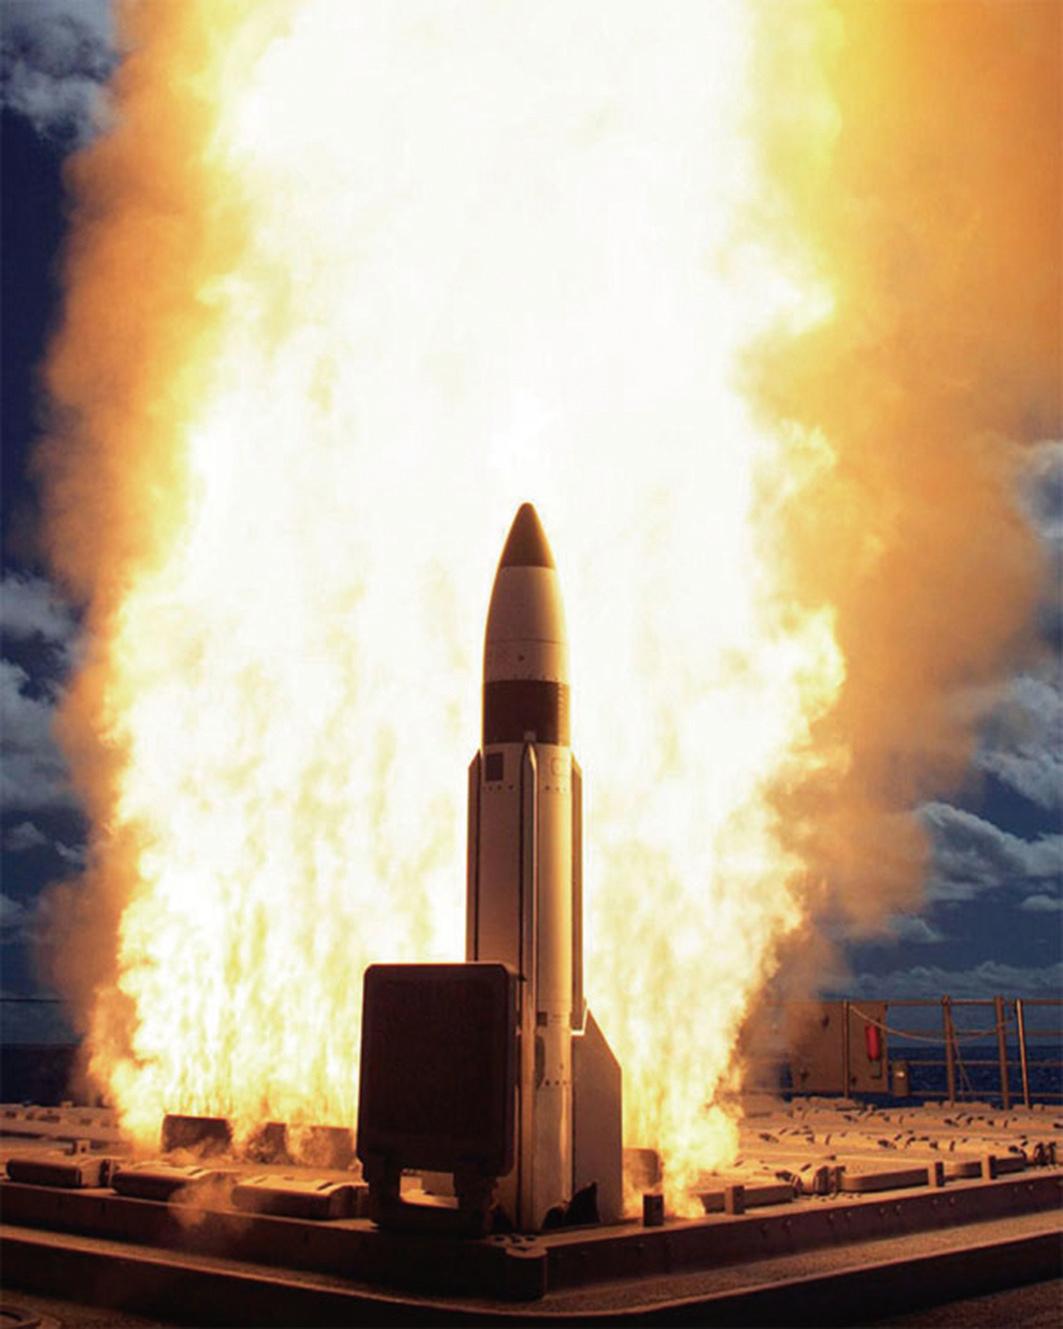 虛驚一場誤報導彈將襲擊夏威夷